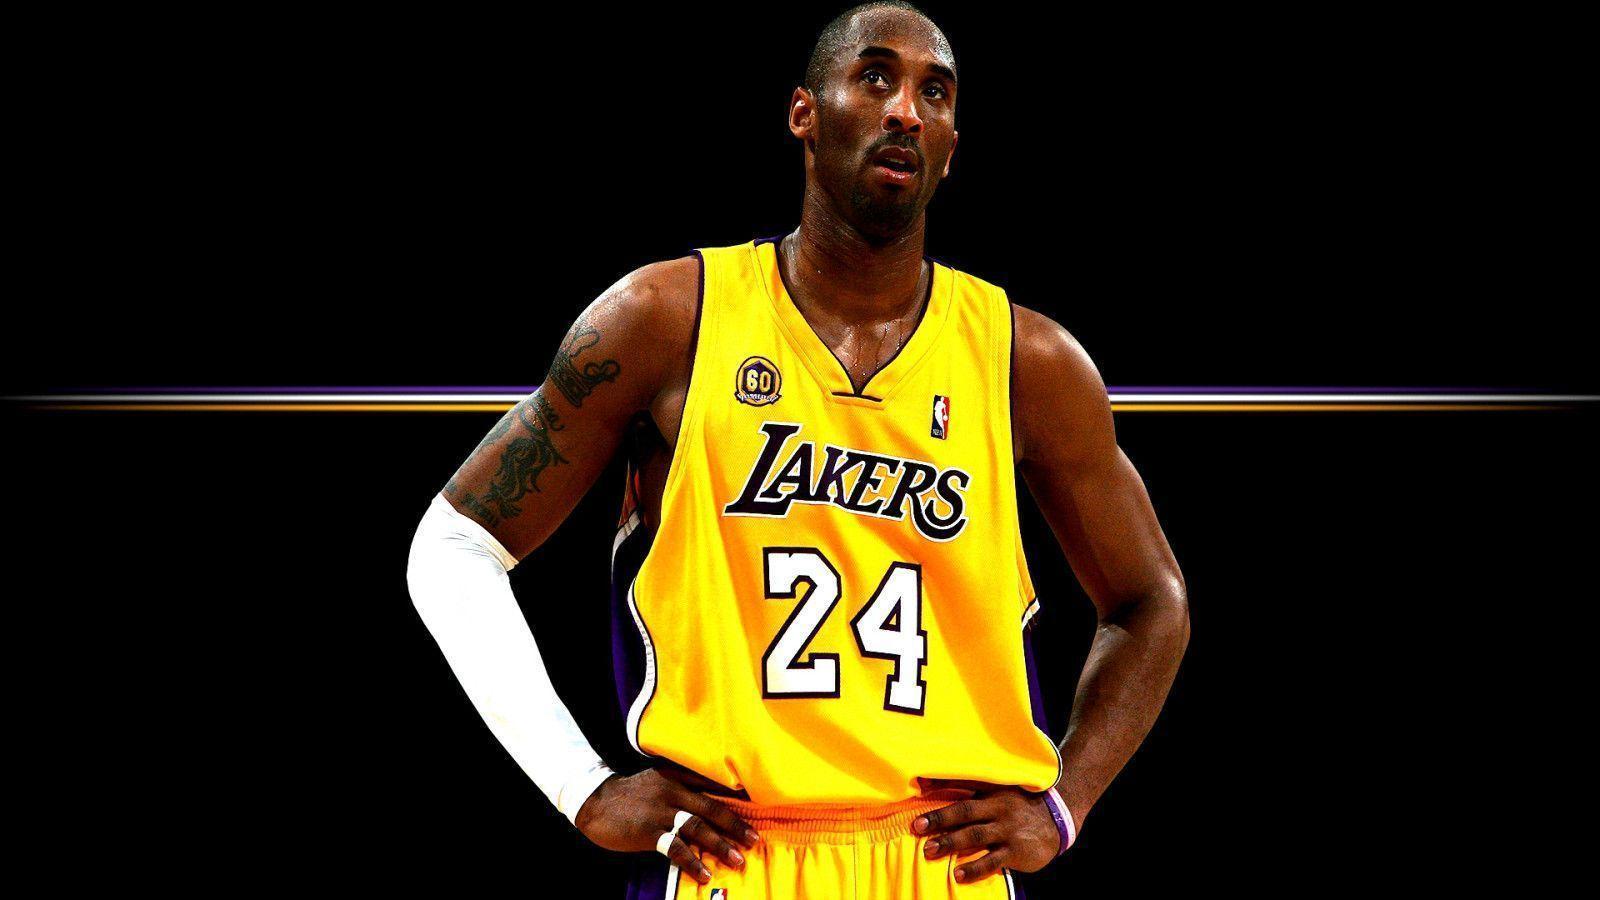 Best Kobe Bryant Wallpapers: Kobe Bryant Wallpapers 24